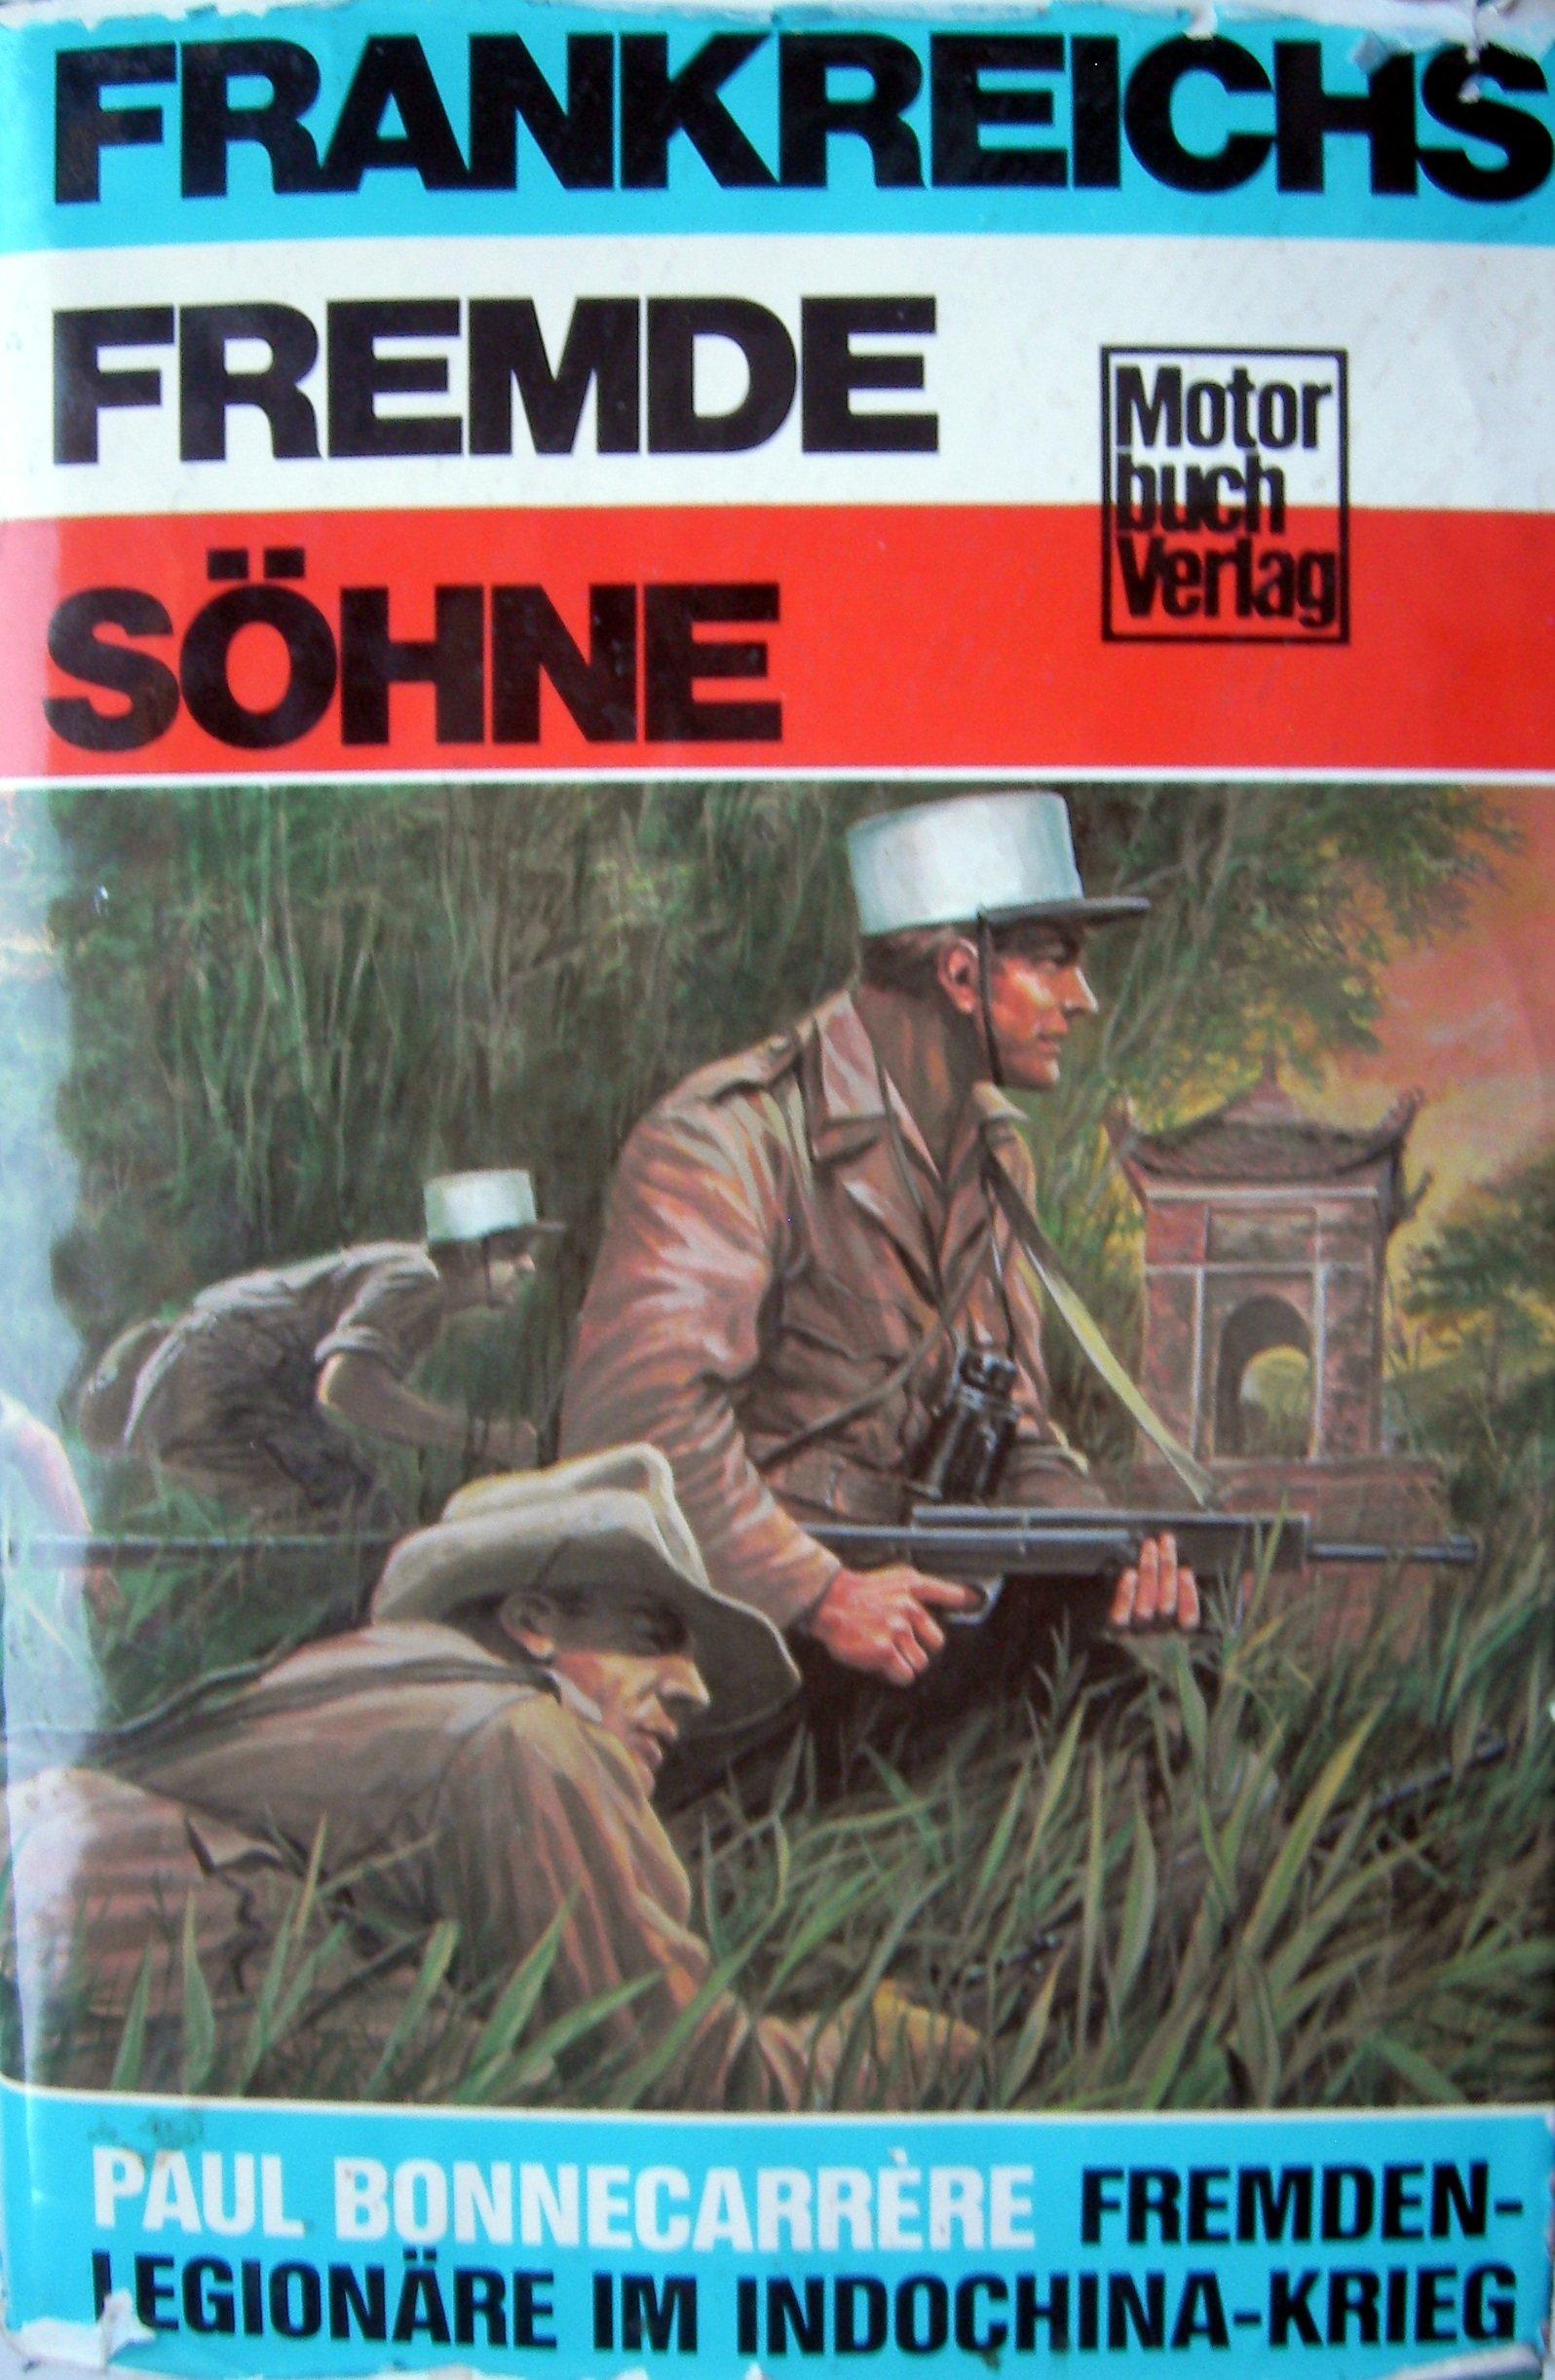 Frankreichs fremde Söhne.: Fremdenlegionäre im Indochina-Krieg.